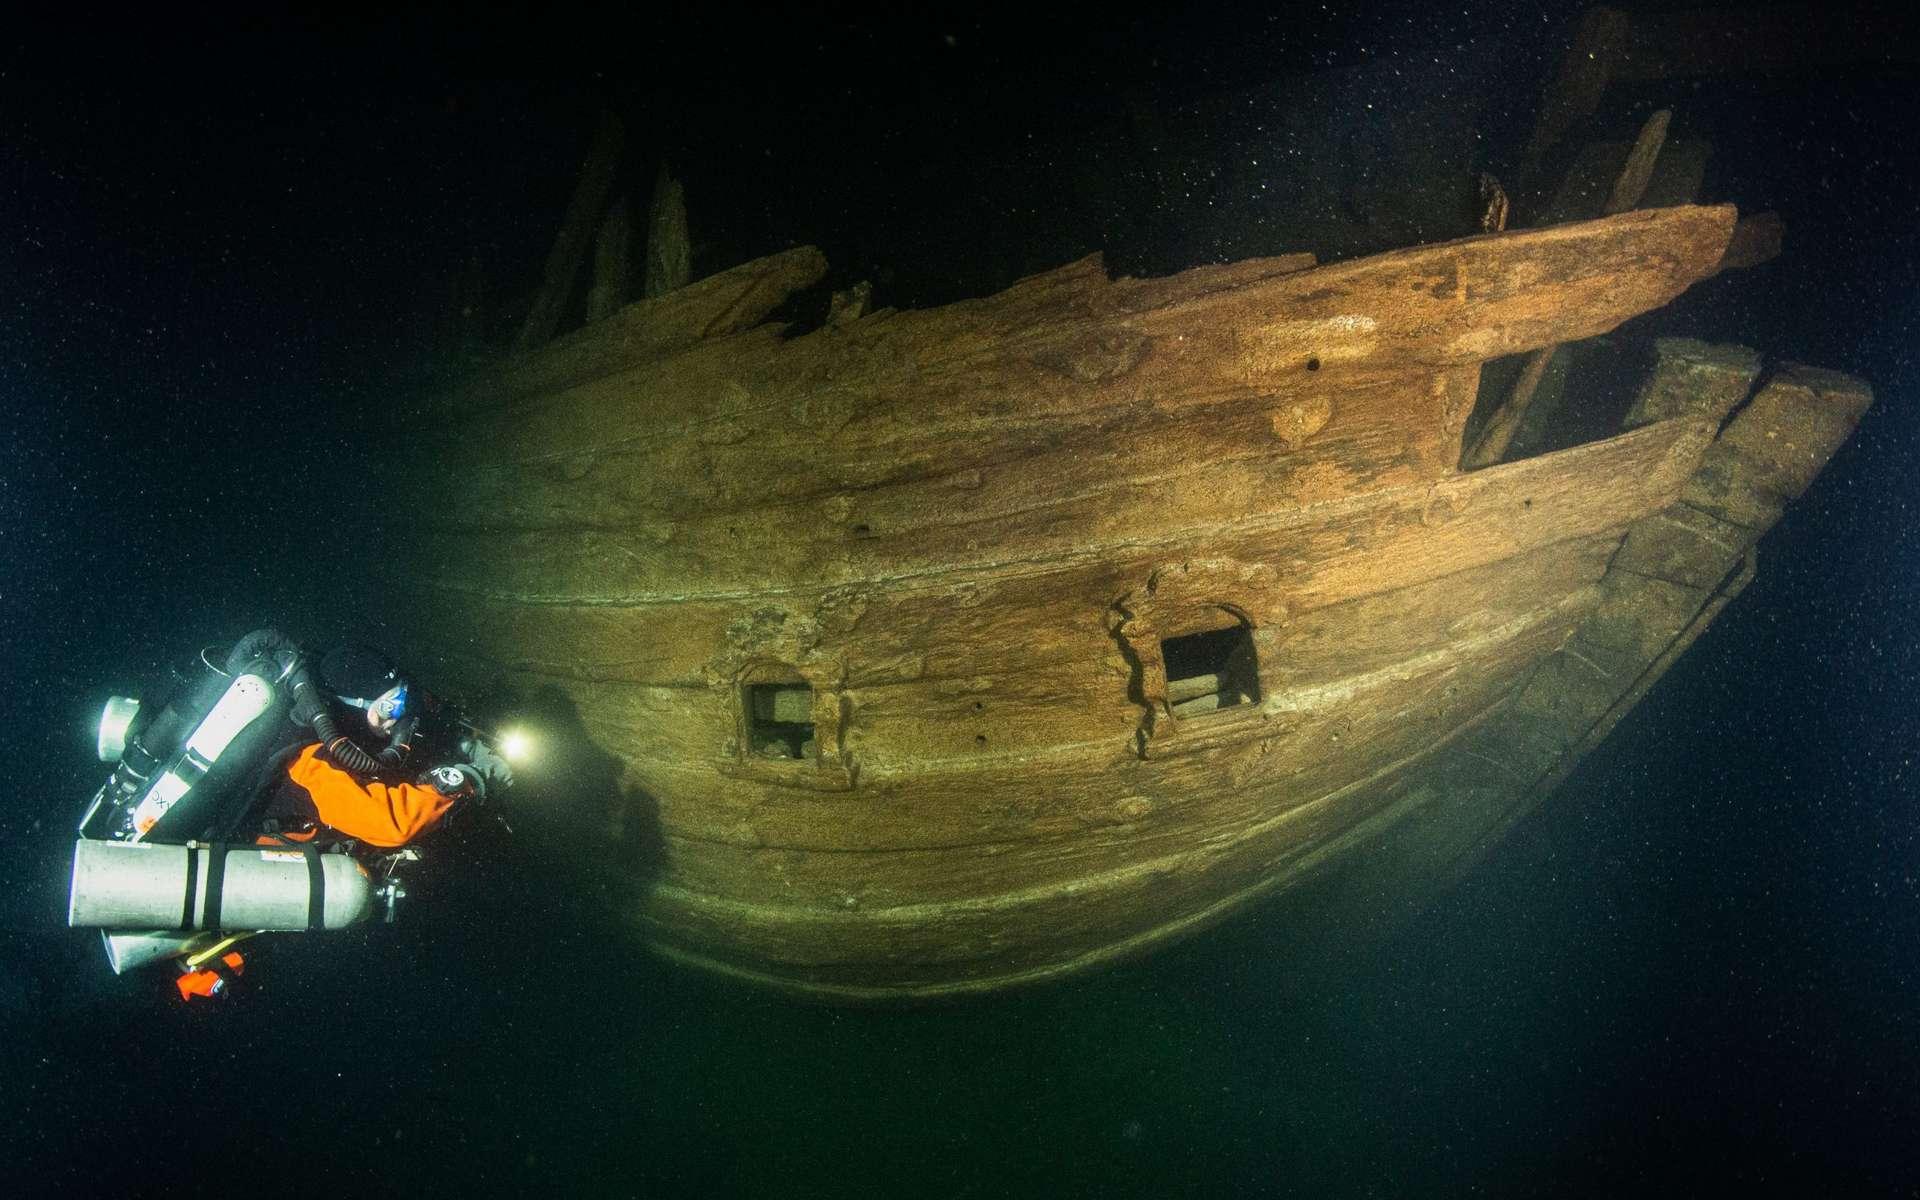 Un navire marchand du XVIIe siècle, découvert dans les eaux de la mer Baltique. © Badewanne Explorations